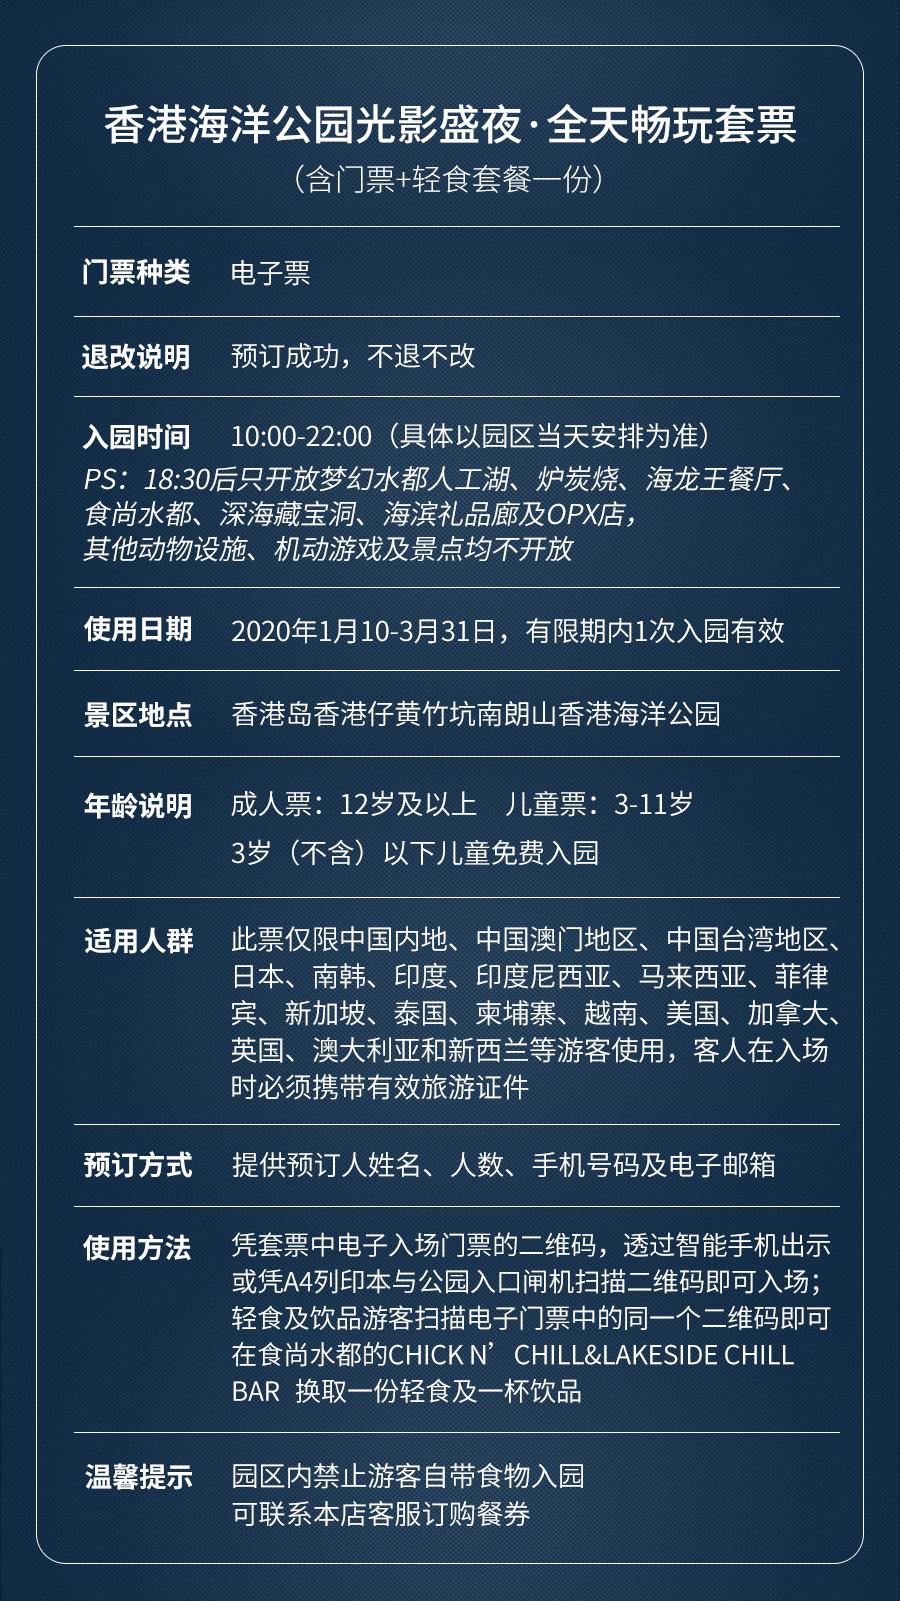 香港海洋公园光影盛夜_02.jpg